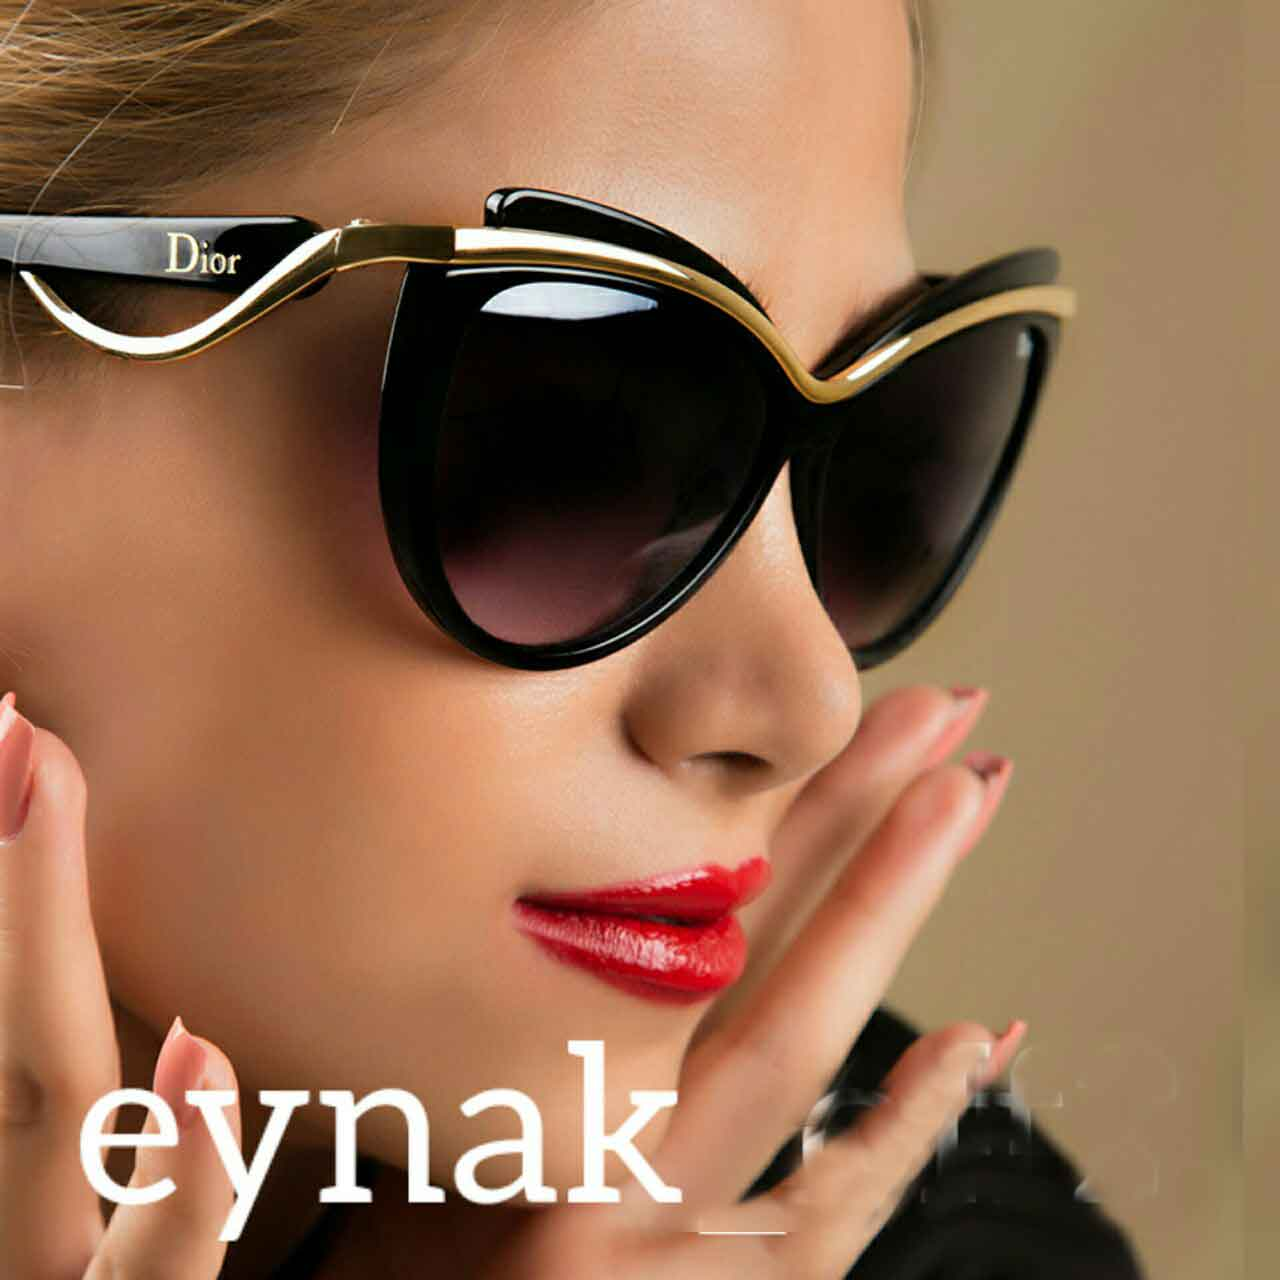 عینک دیور زنانه